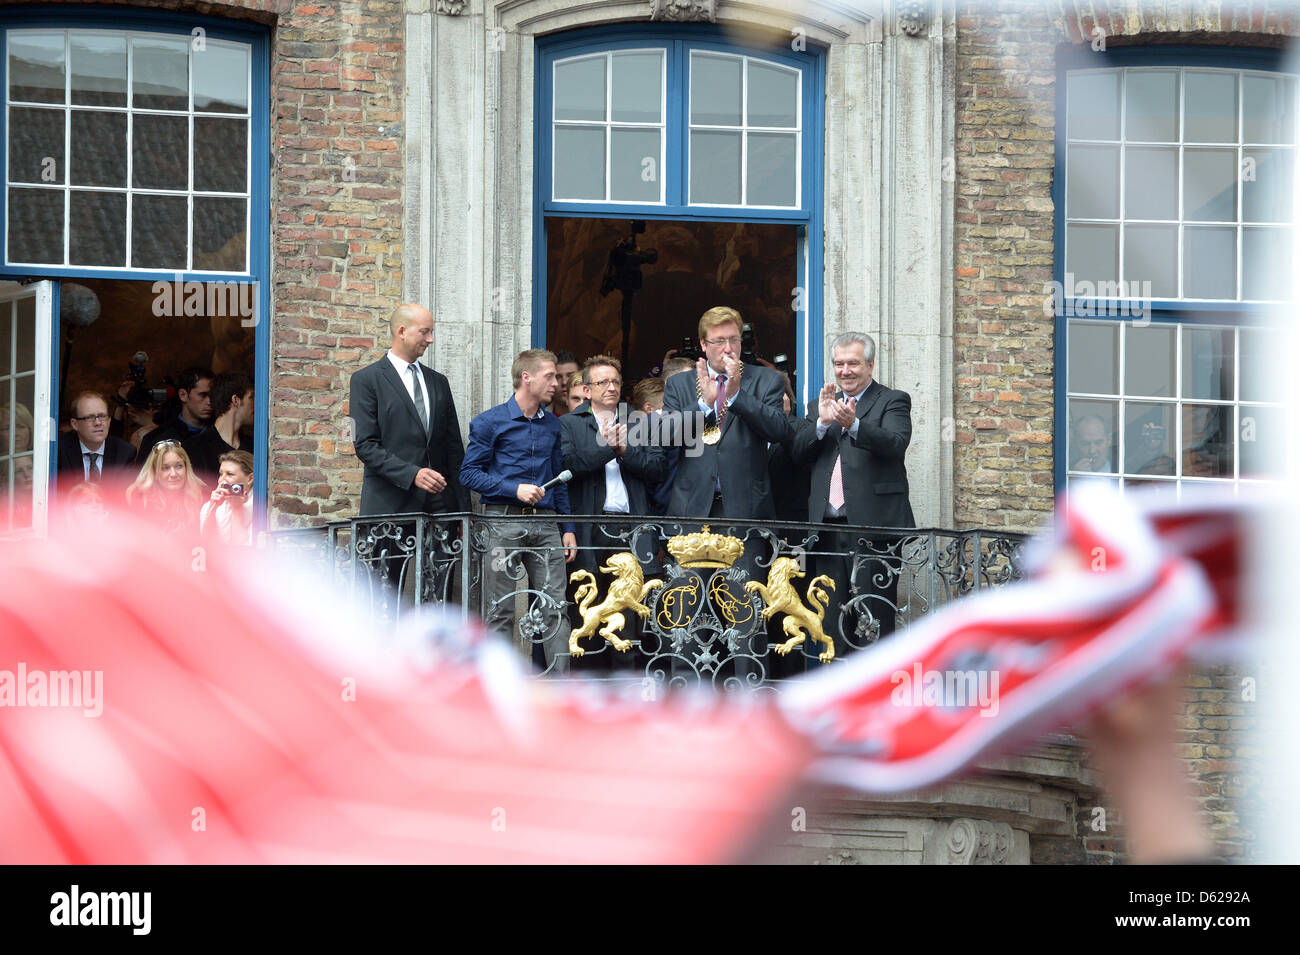 Duesseldorf's head coach Norbert Meier (C) sorge sul balcone del municipio e celebra la promozione di Fortuna Immagini Stock